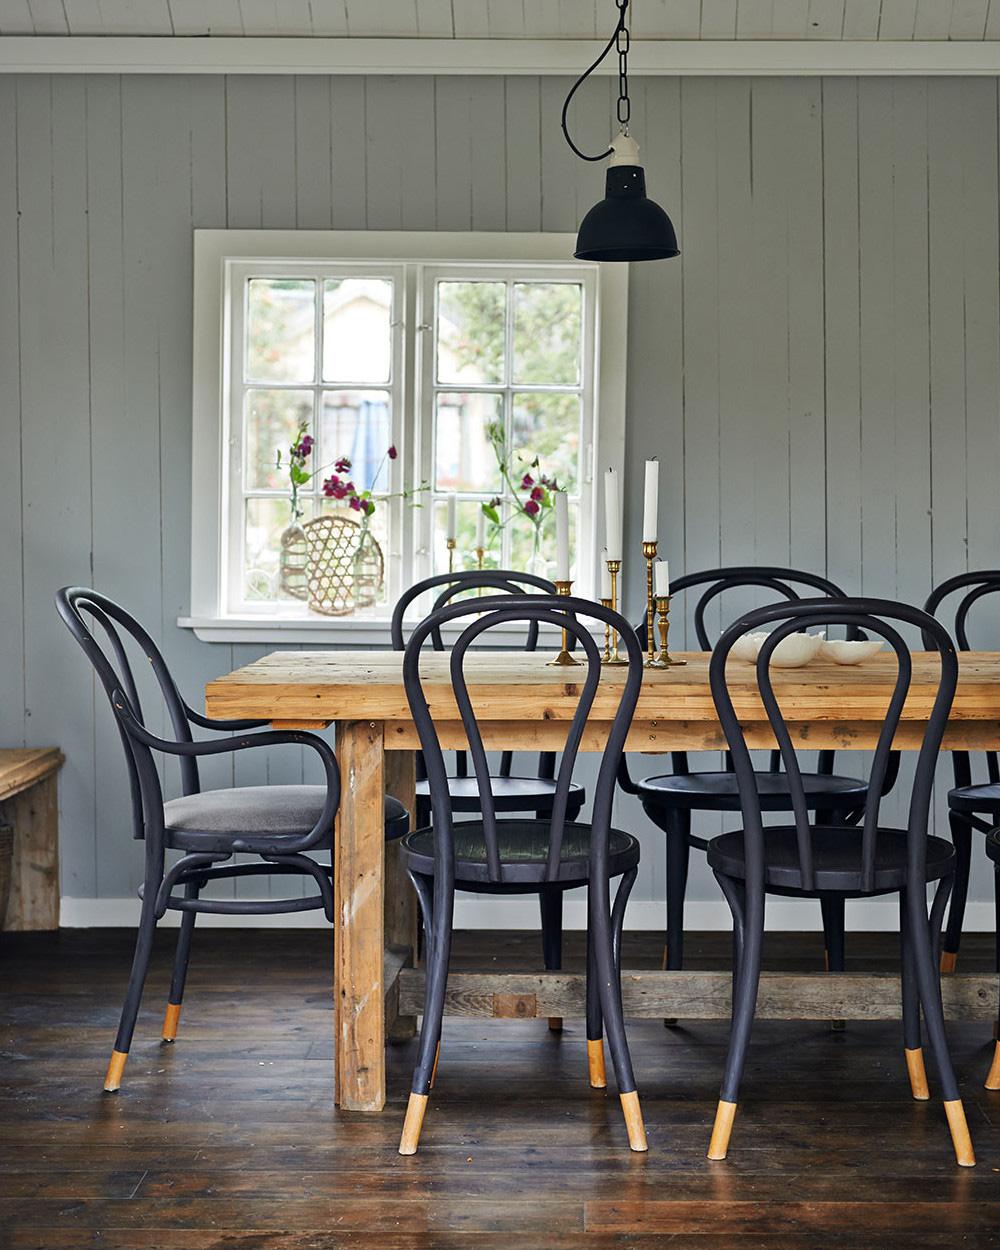 chaise bistrot diy peinture